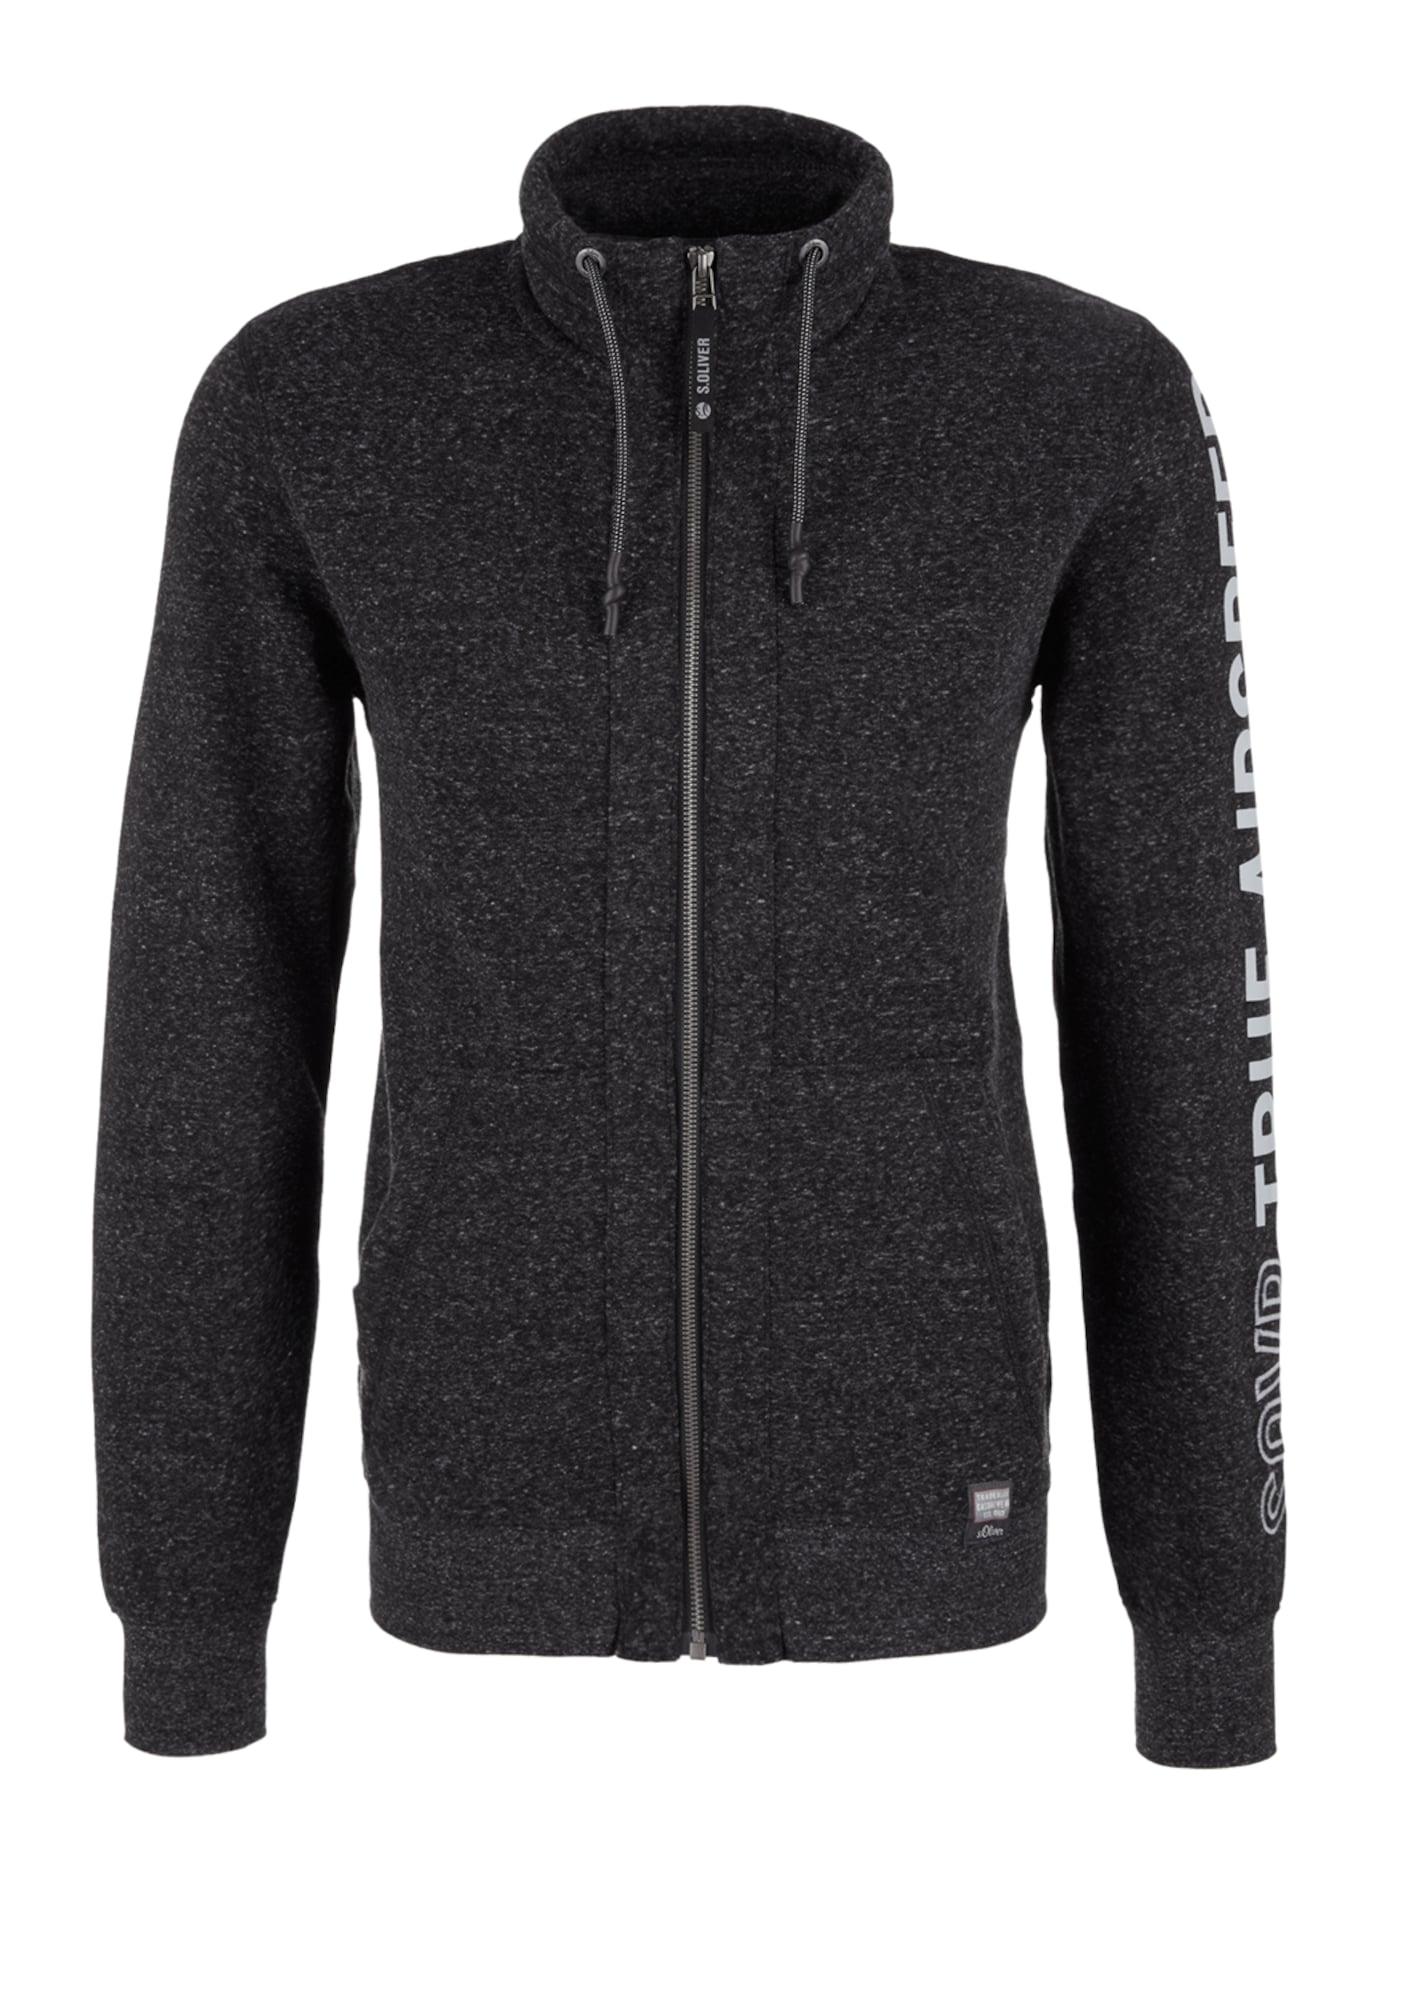 Sweatjacke | Bekleidung > Sweatshirts & -jacken > Sweatjacken | Weiß | S.Oliver